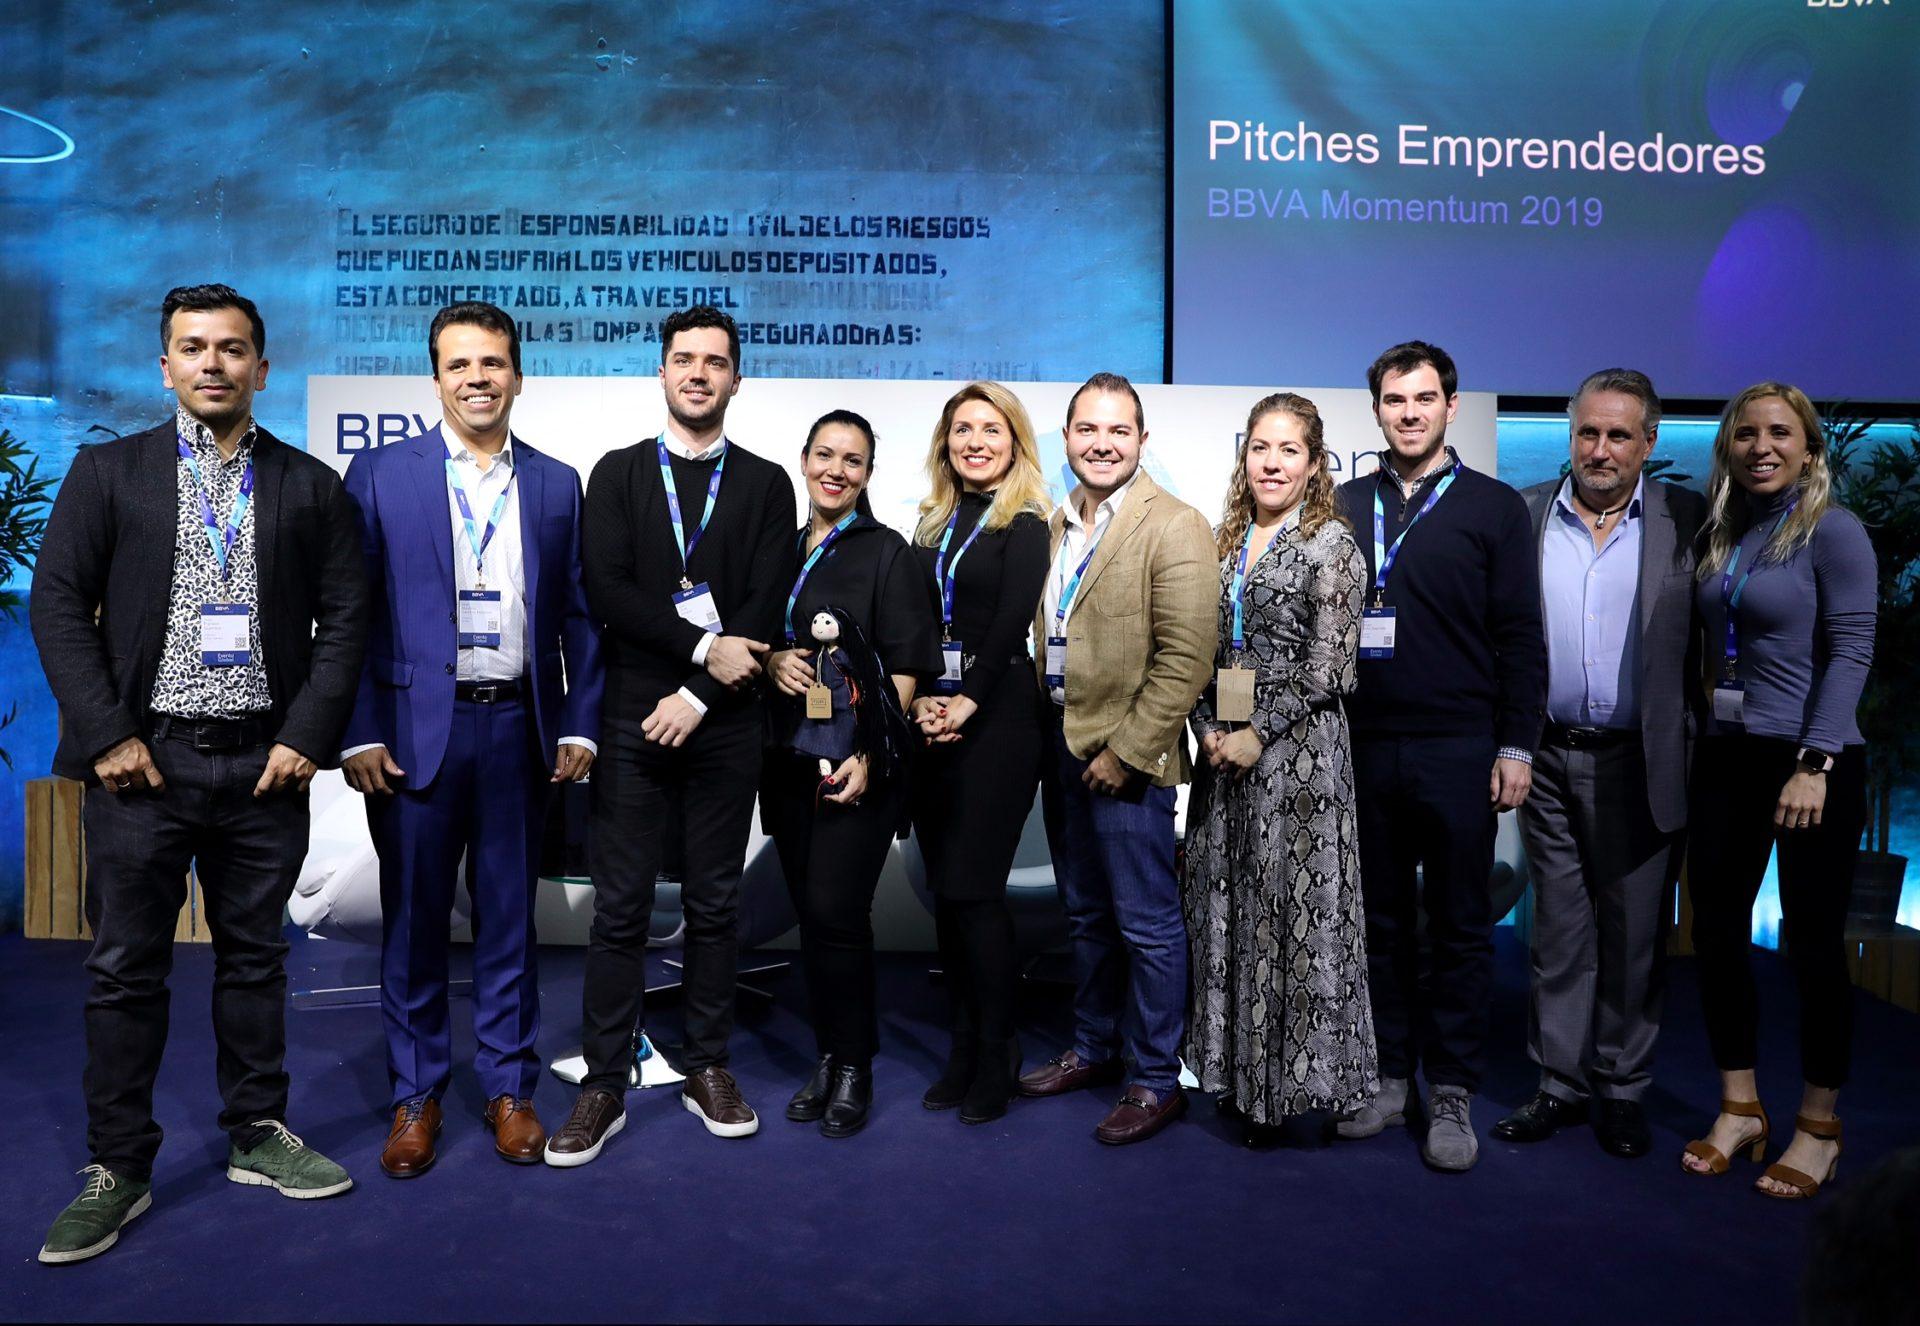 Emprendedores BBVA Momentum 2019